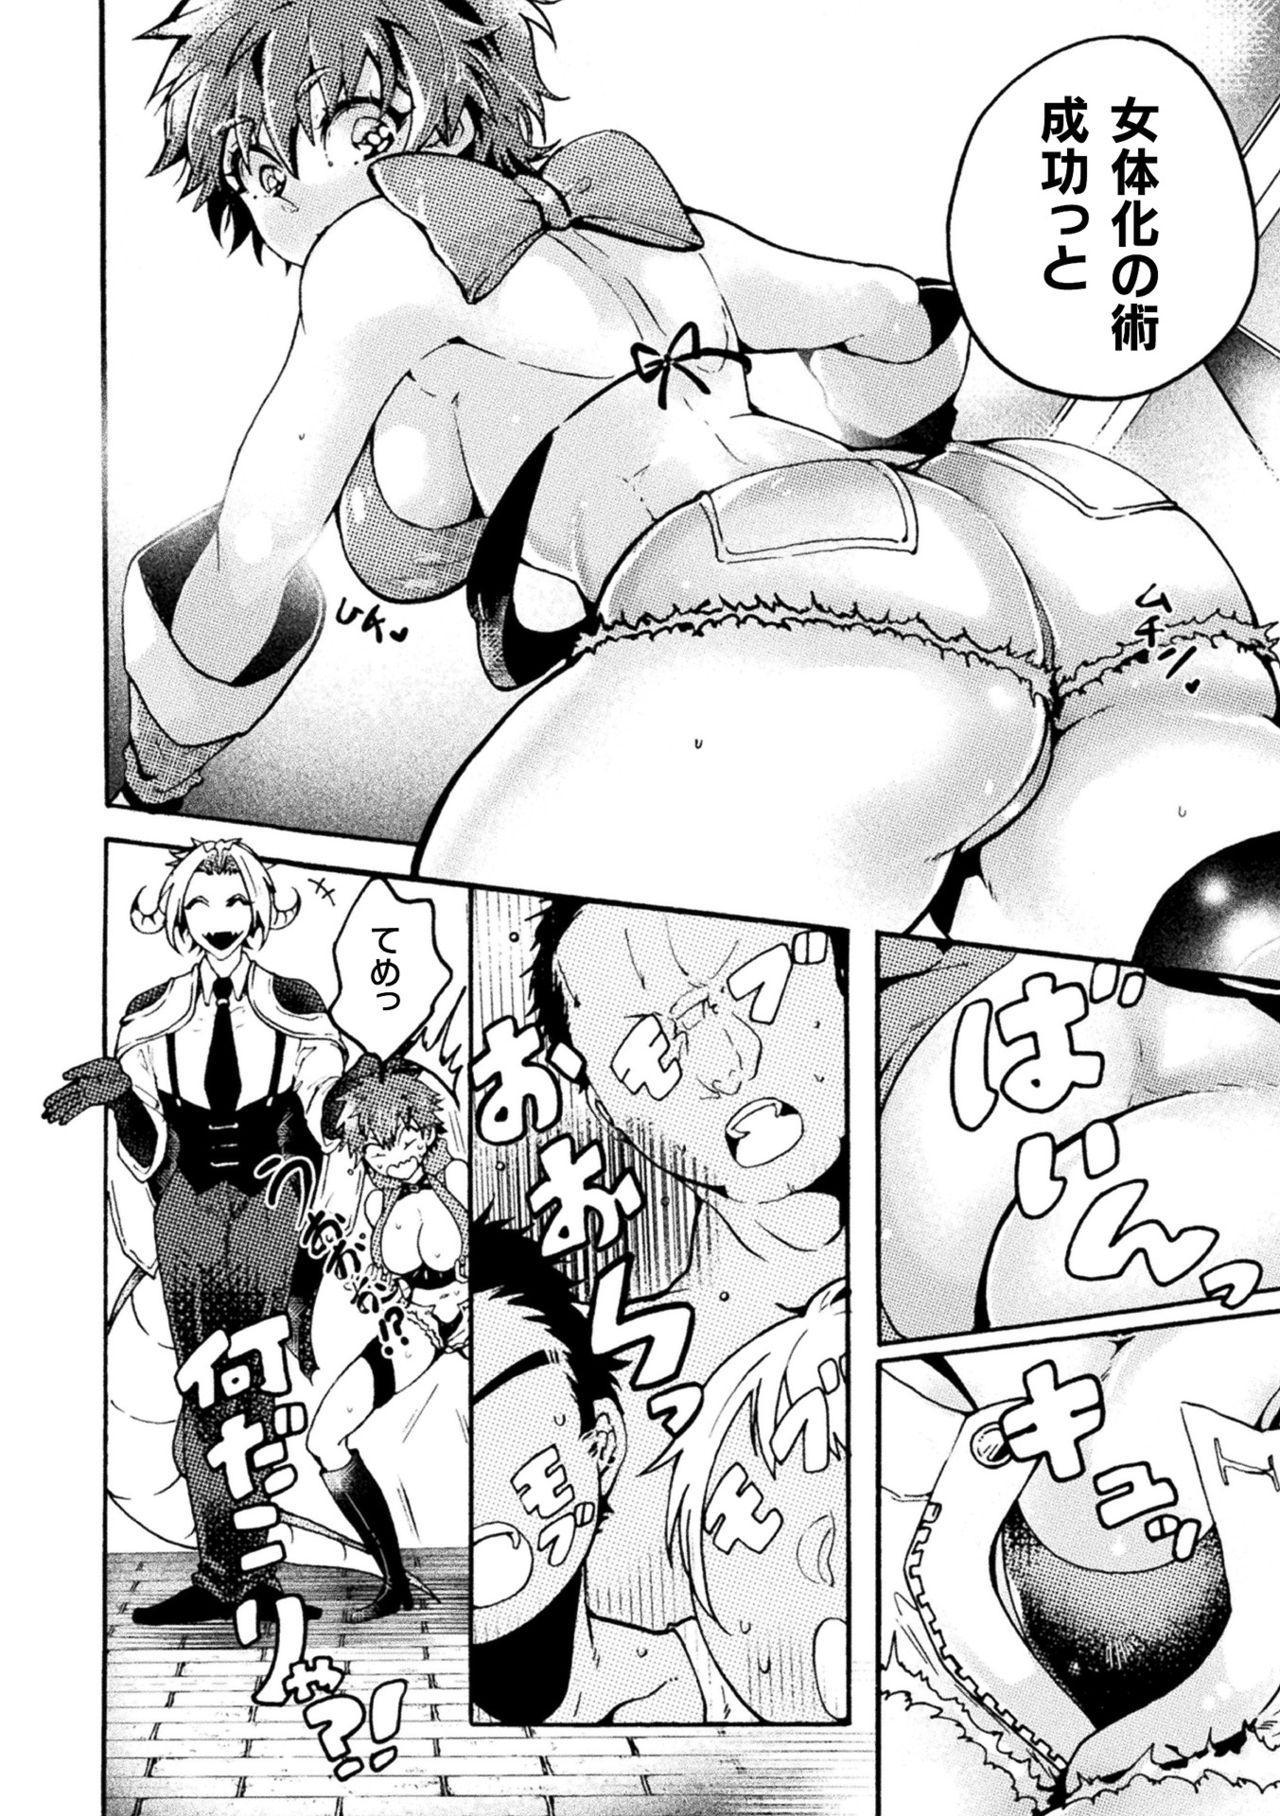 2D Comic Magazine TS Akuochi Nyotaika Shita Seigikan-tachi ga Akuten Acme! Vol. 2 49